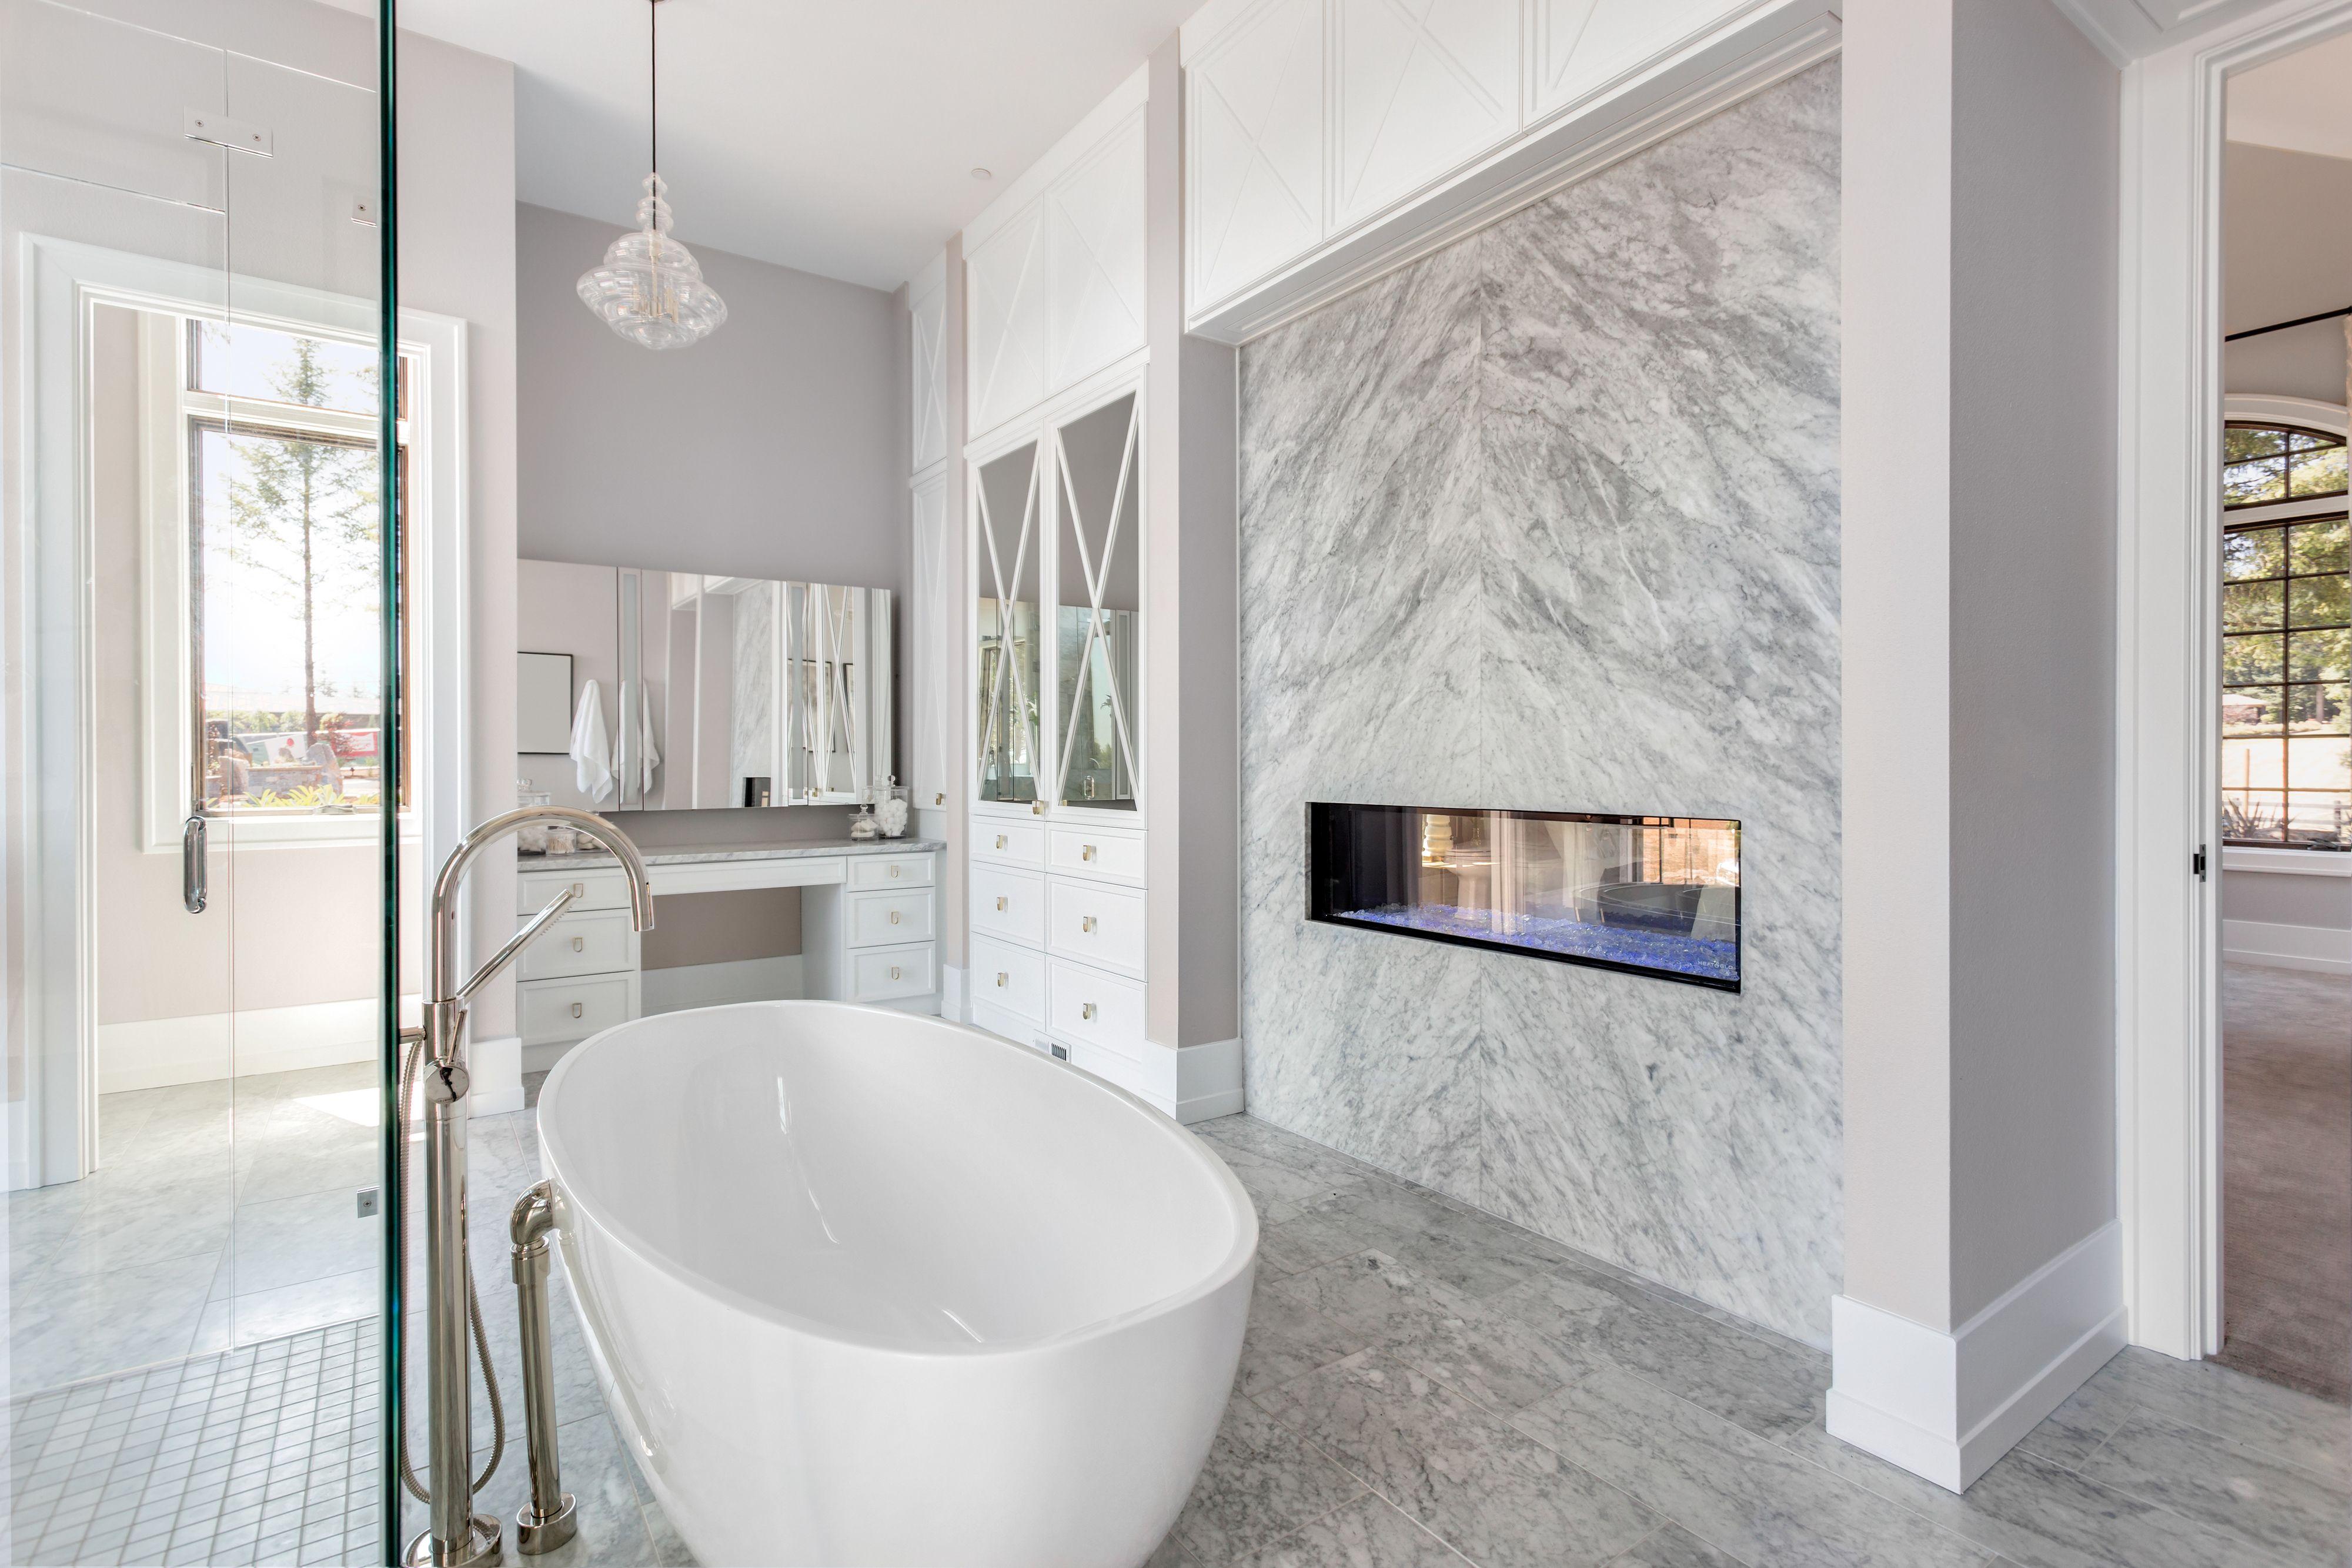 Luxury Master Bedroom Bathroom Free